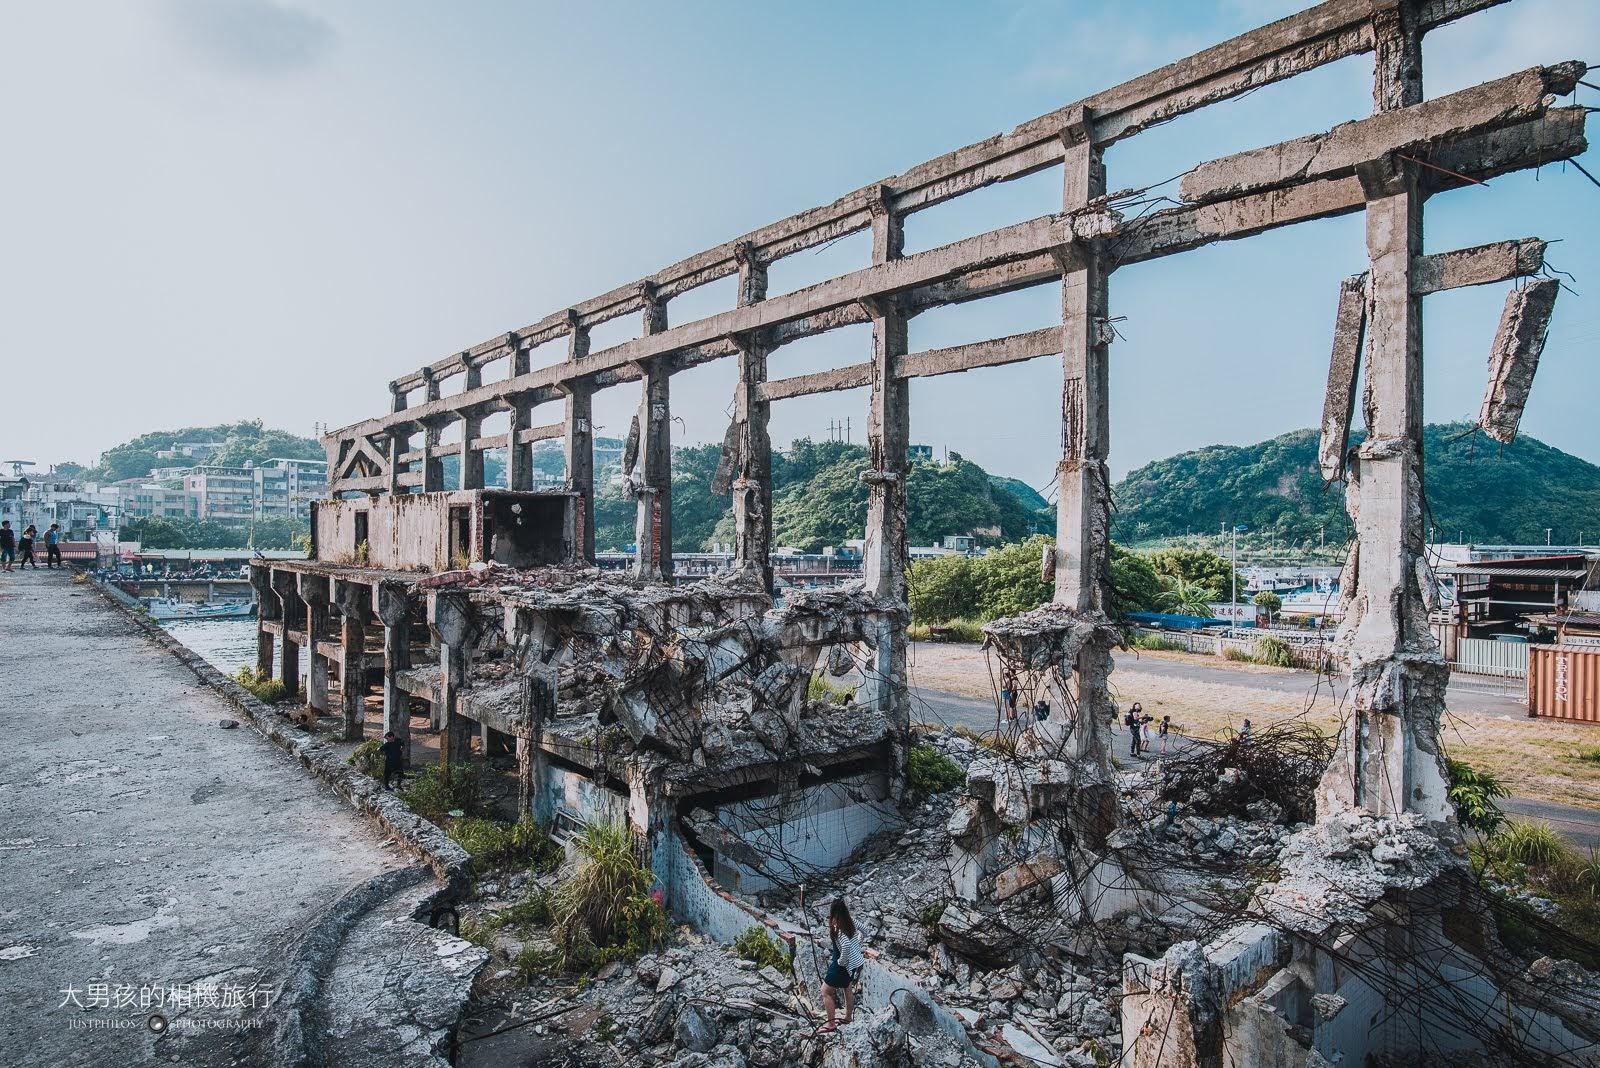 阿根納造船廠內隨處可以斷垣殘壁,進入時一定要格外小心。